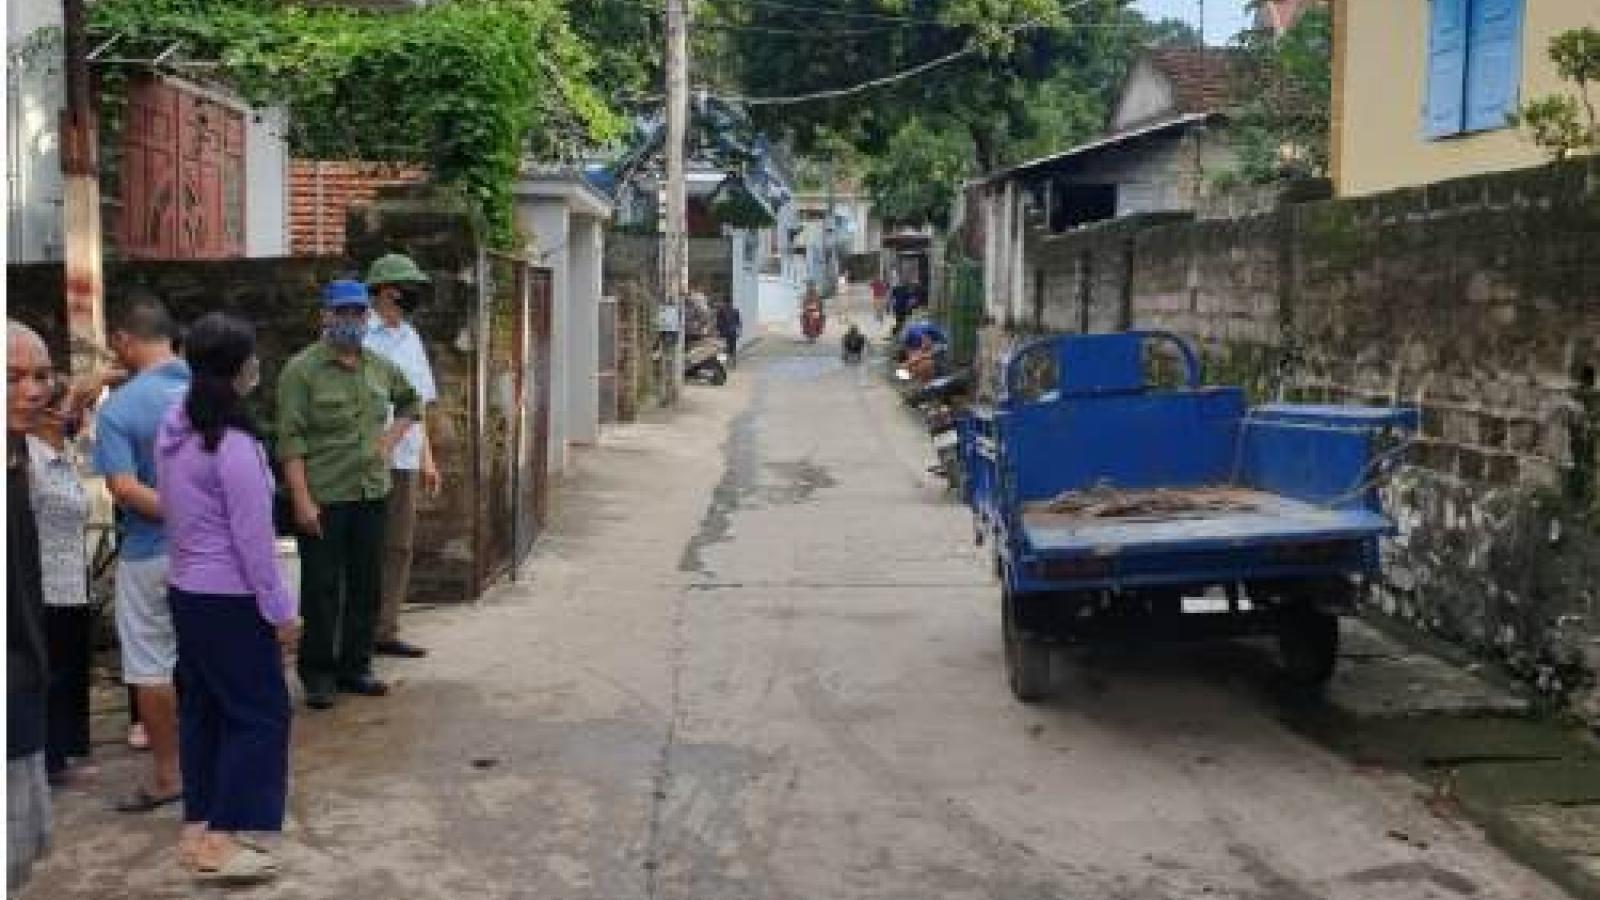 Quảng Ninh: Nổ súng trong đêm, 2 người tử vong